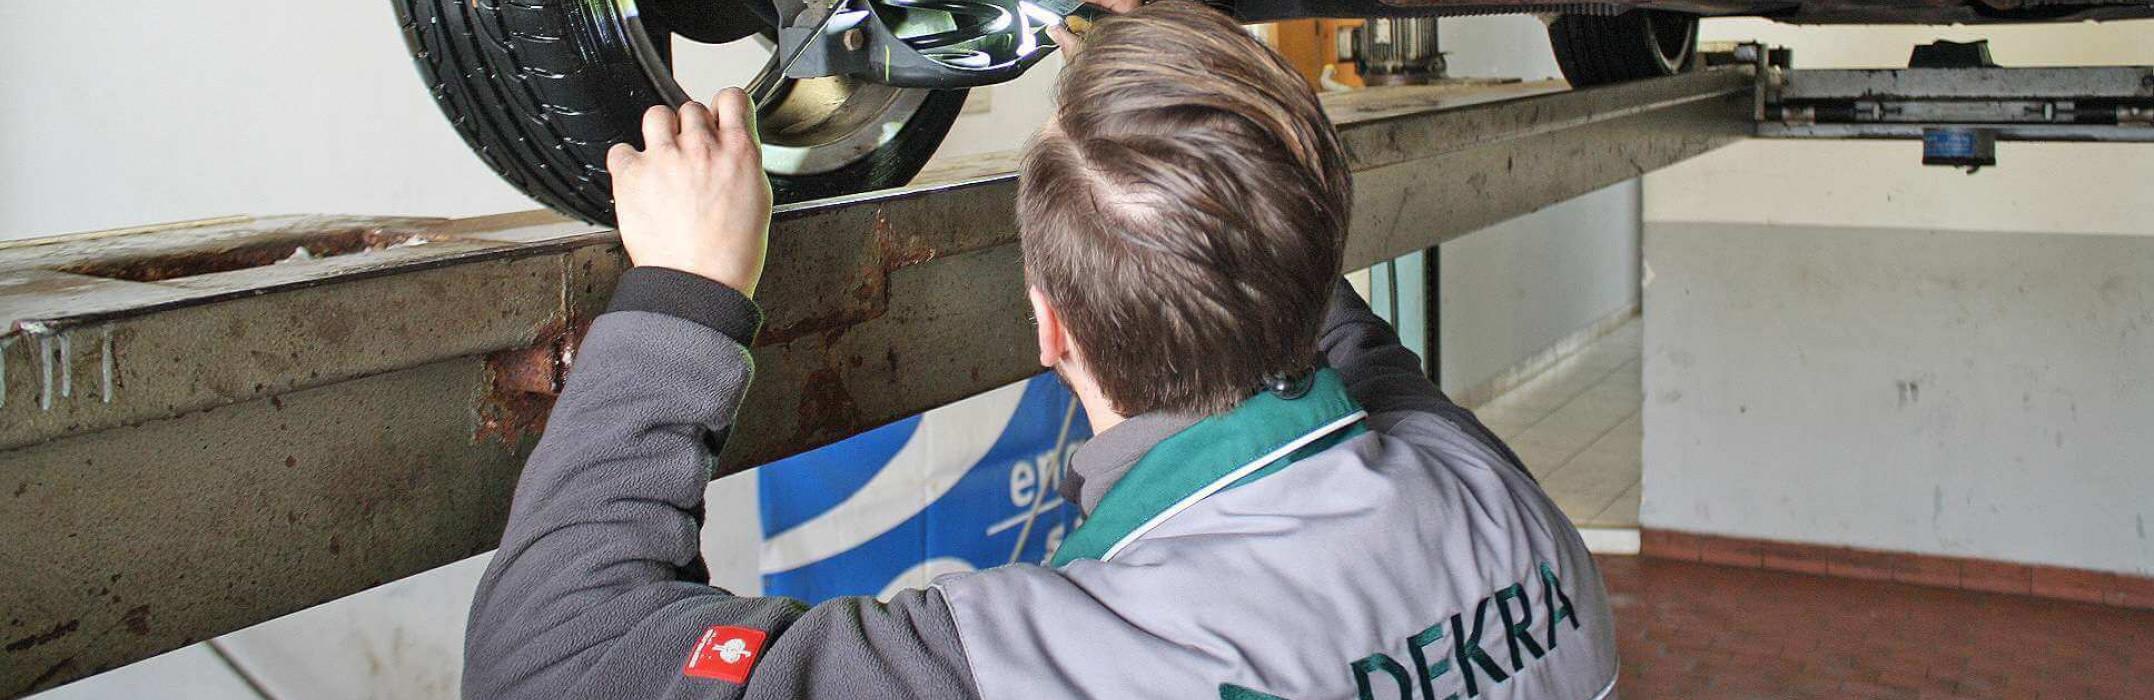 Die Haupt- und Abgasuntersuchung in der Kfz-Werkstatt